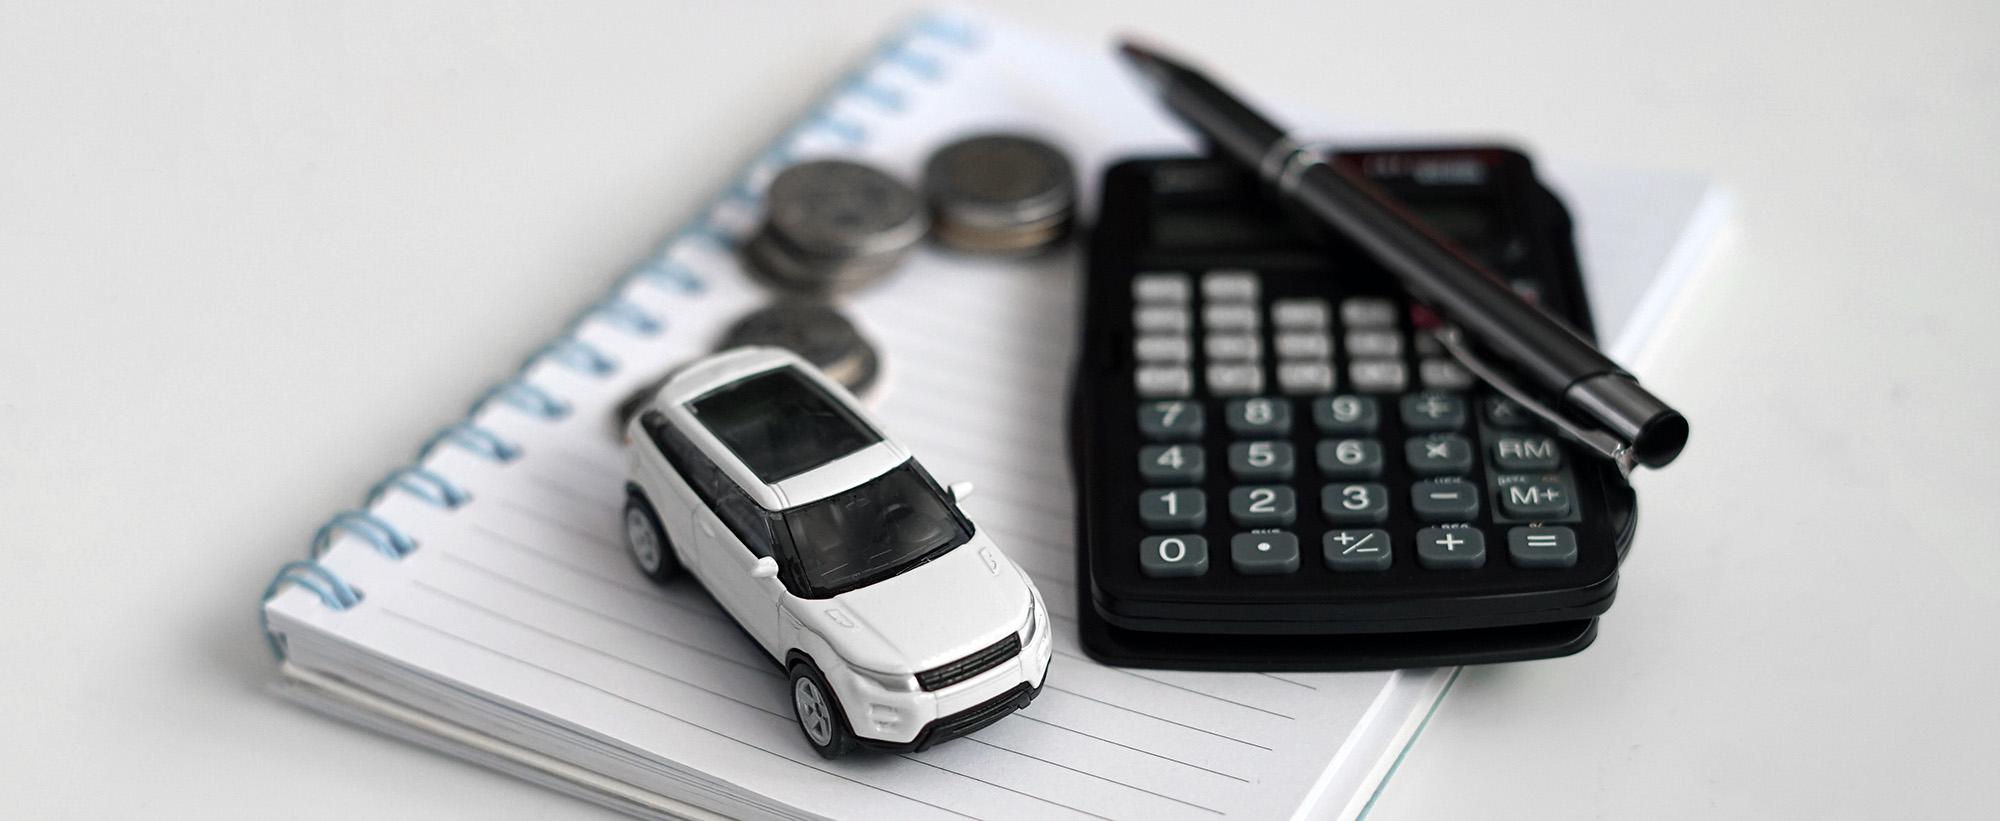 Av oss får du en korrekt värdering när du ska sälja bil i Skåne.